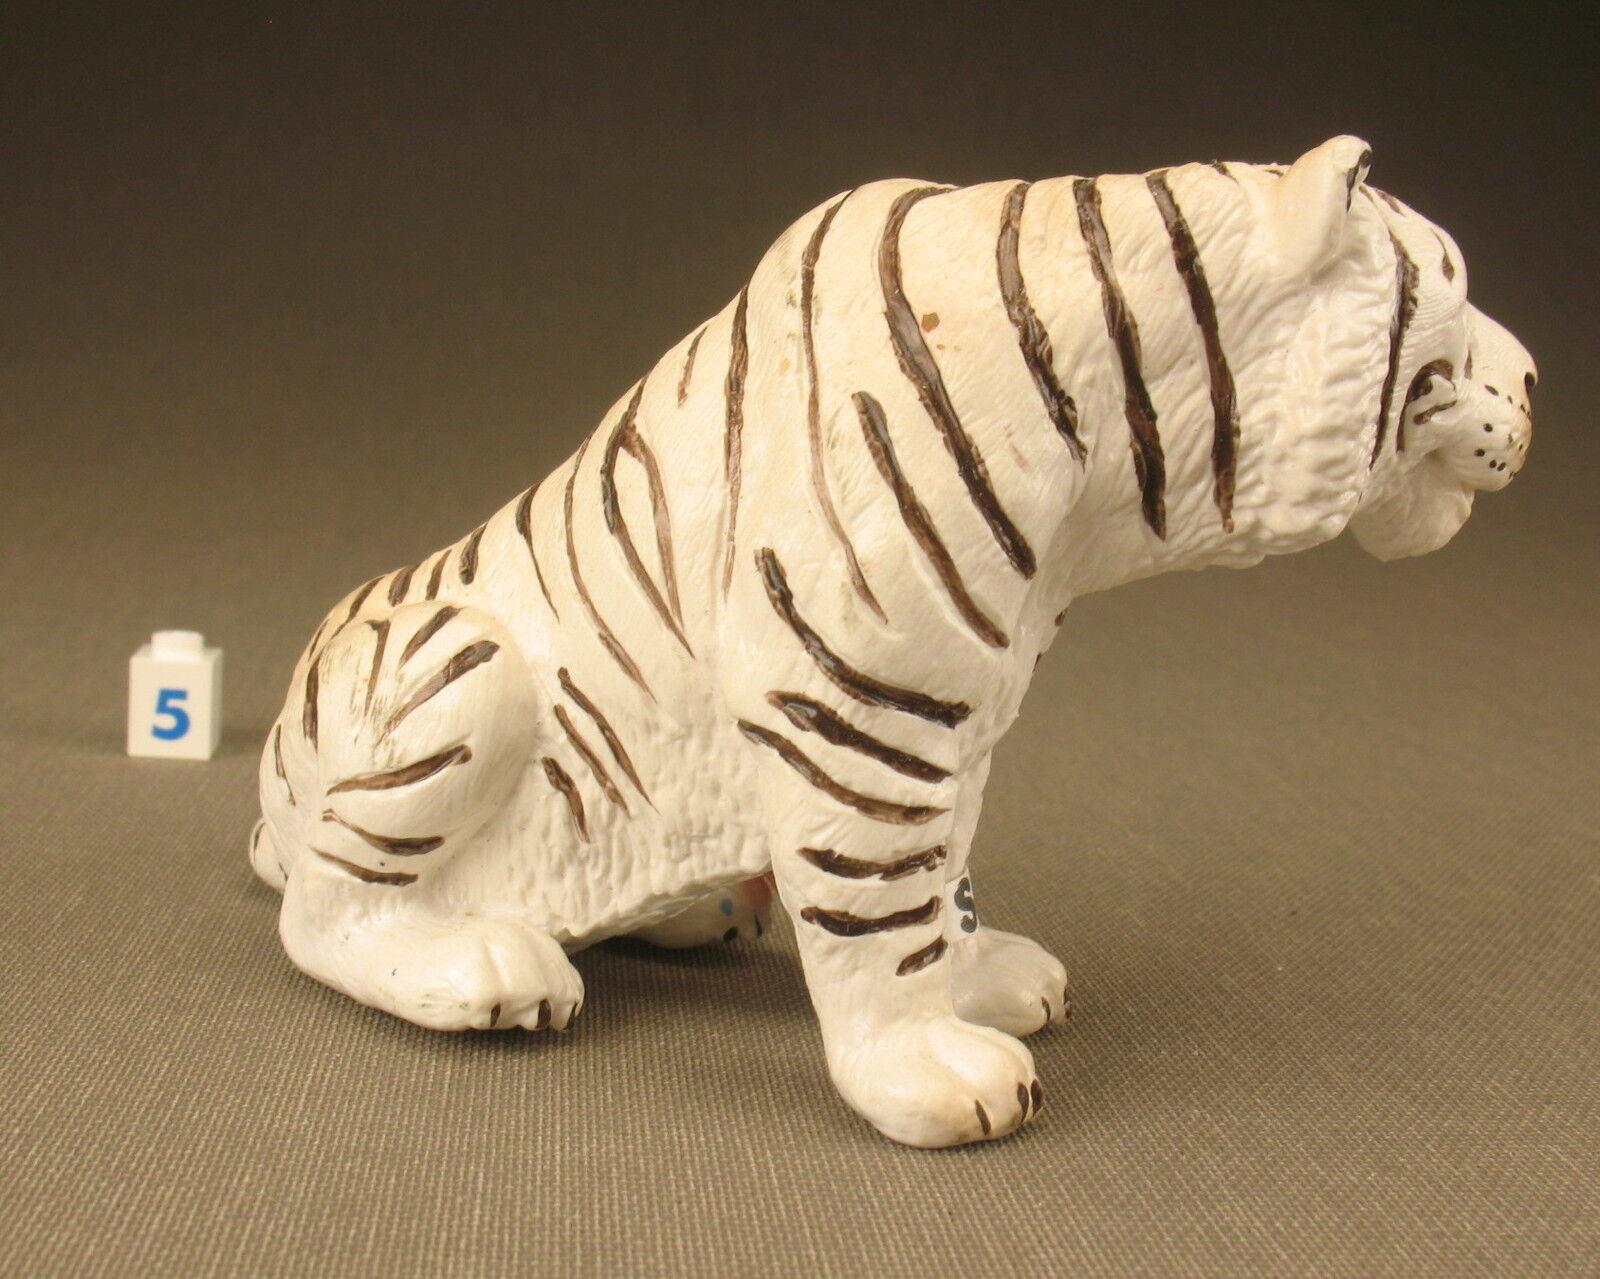 SCHLEICH 14097 - Tiger sitzend white - mit mit mit Fähnchen - White Tiger -Schleichtier 5 f22698